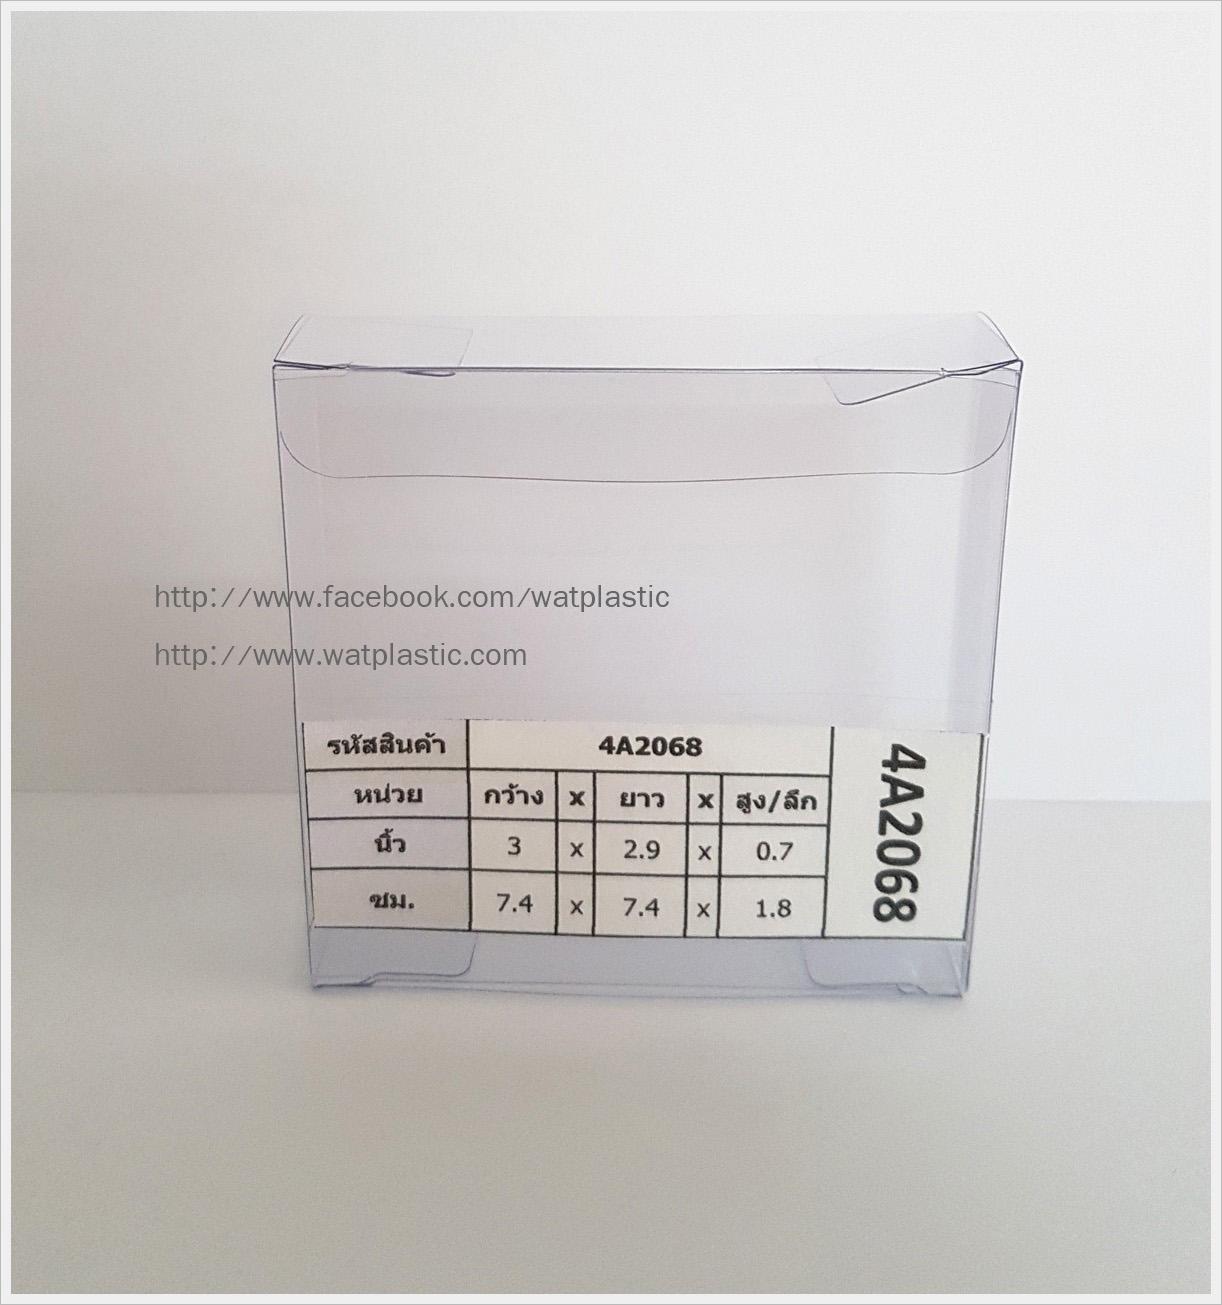 กล่องสบู่-ทรงจตุรัส ขนาด 7.4 x 7.4 x 1.8 cm